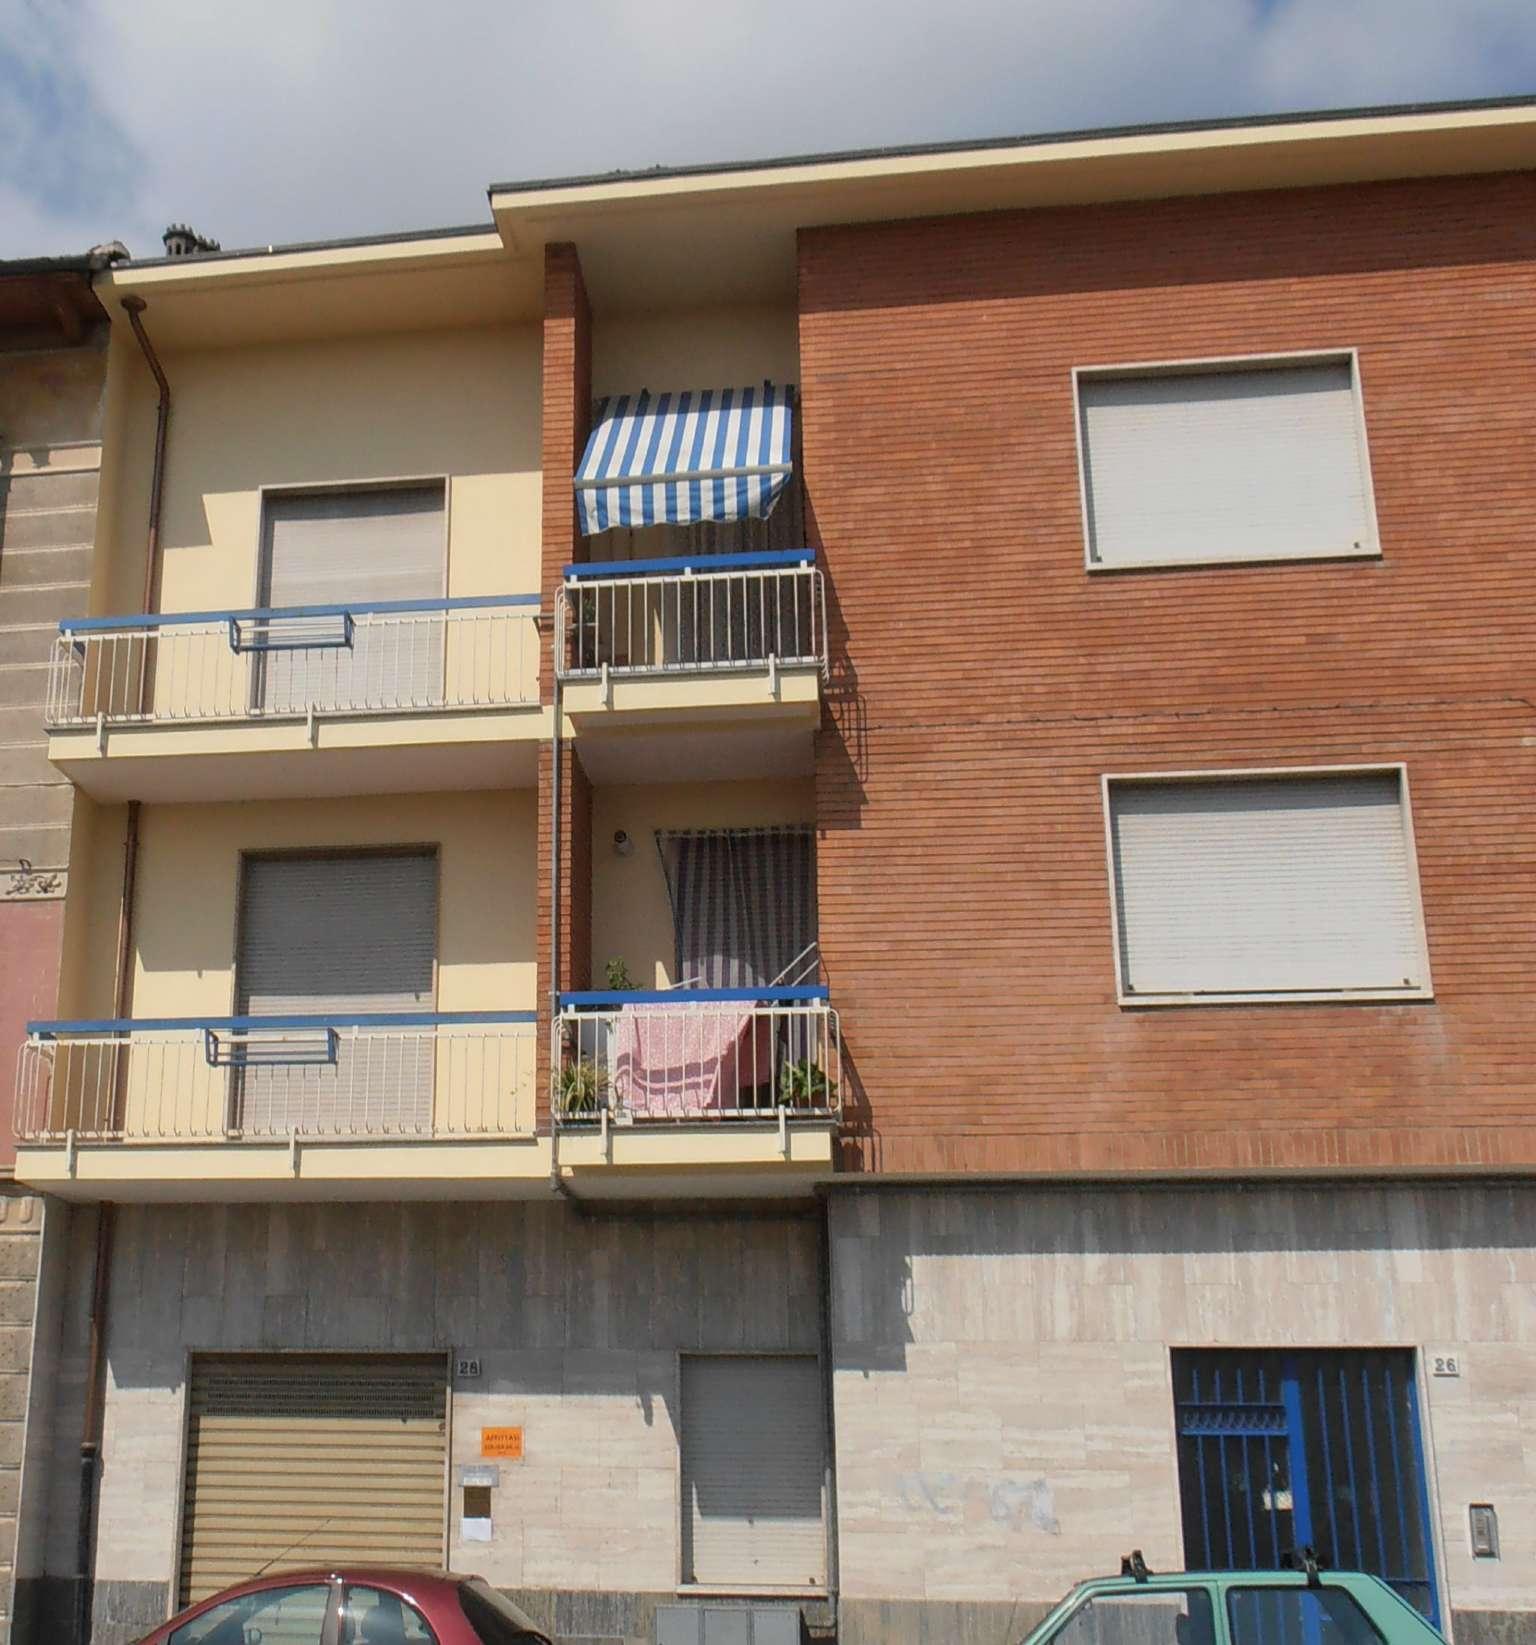 Negozio / Locale in vendita a Ciriè, 3 locali, prezzo € 59.000 | Cambio Casa.it